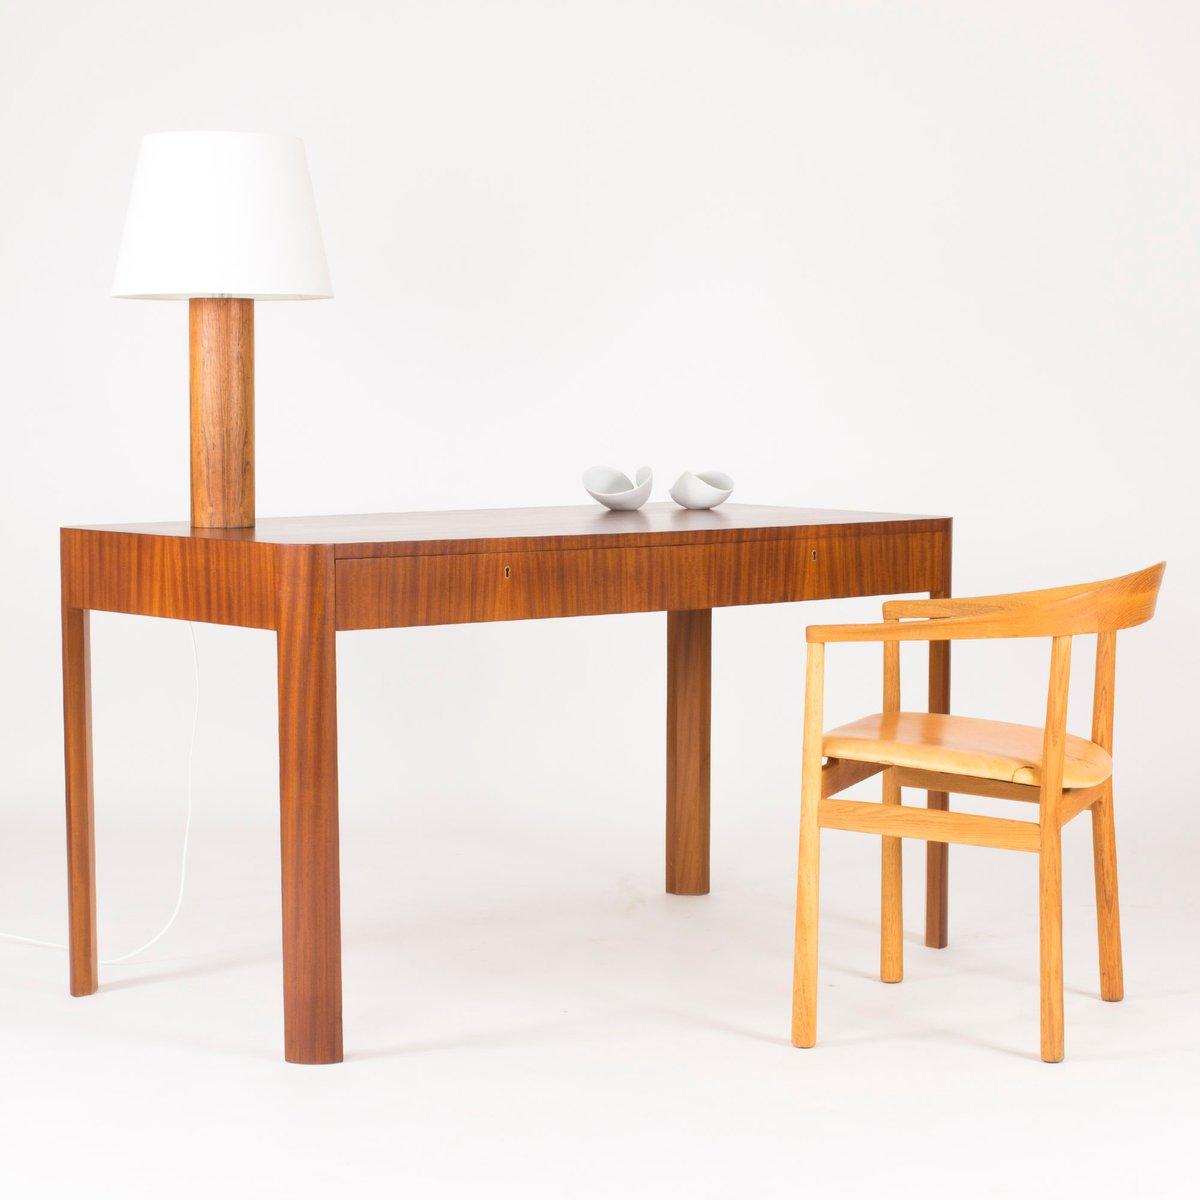 schwedischer mahagoni furnier schreibtisch 1930er bei pamono kaufen. Black Bedroom Furniture Sets. Home Design Ideas